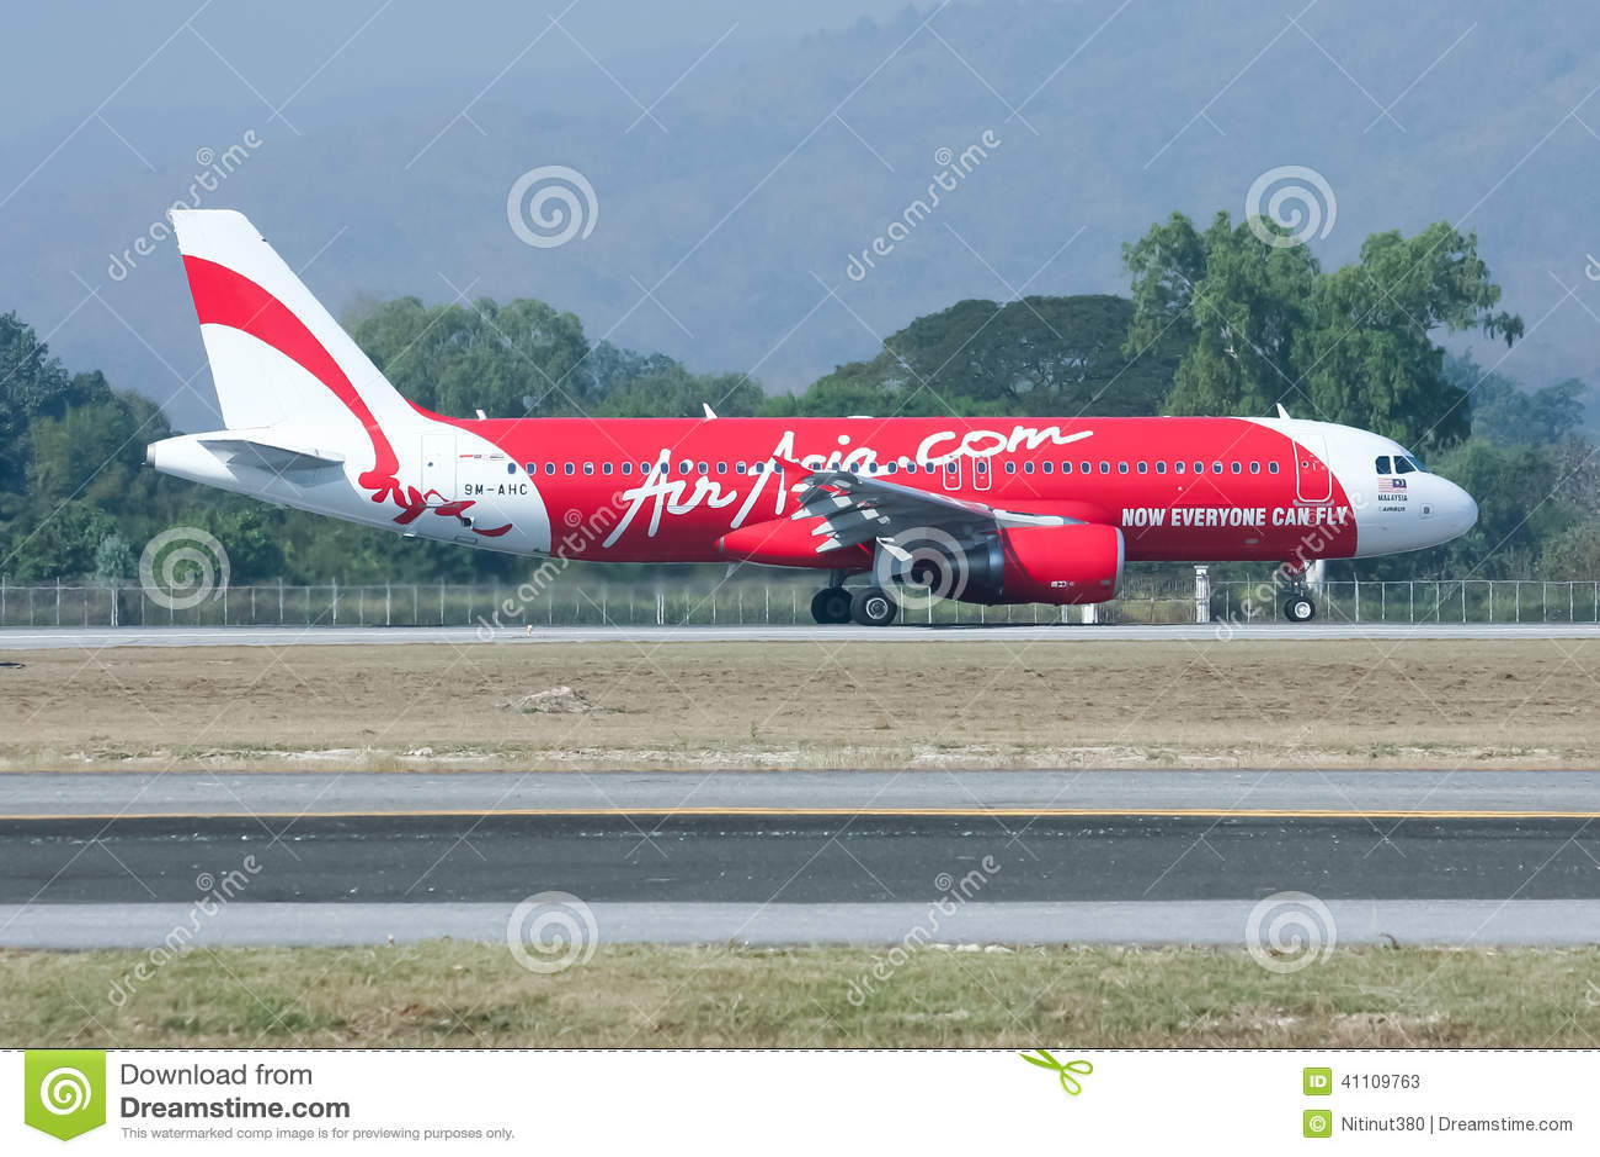 9M-AHC Airbus A320-200 of Airasia